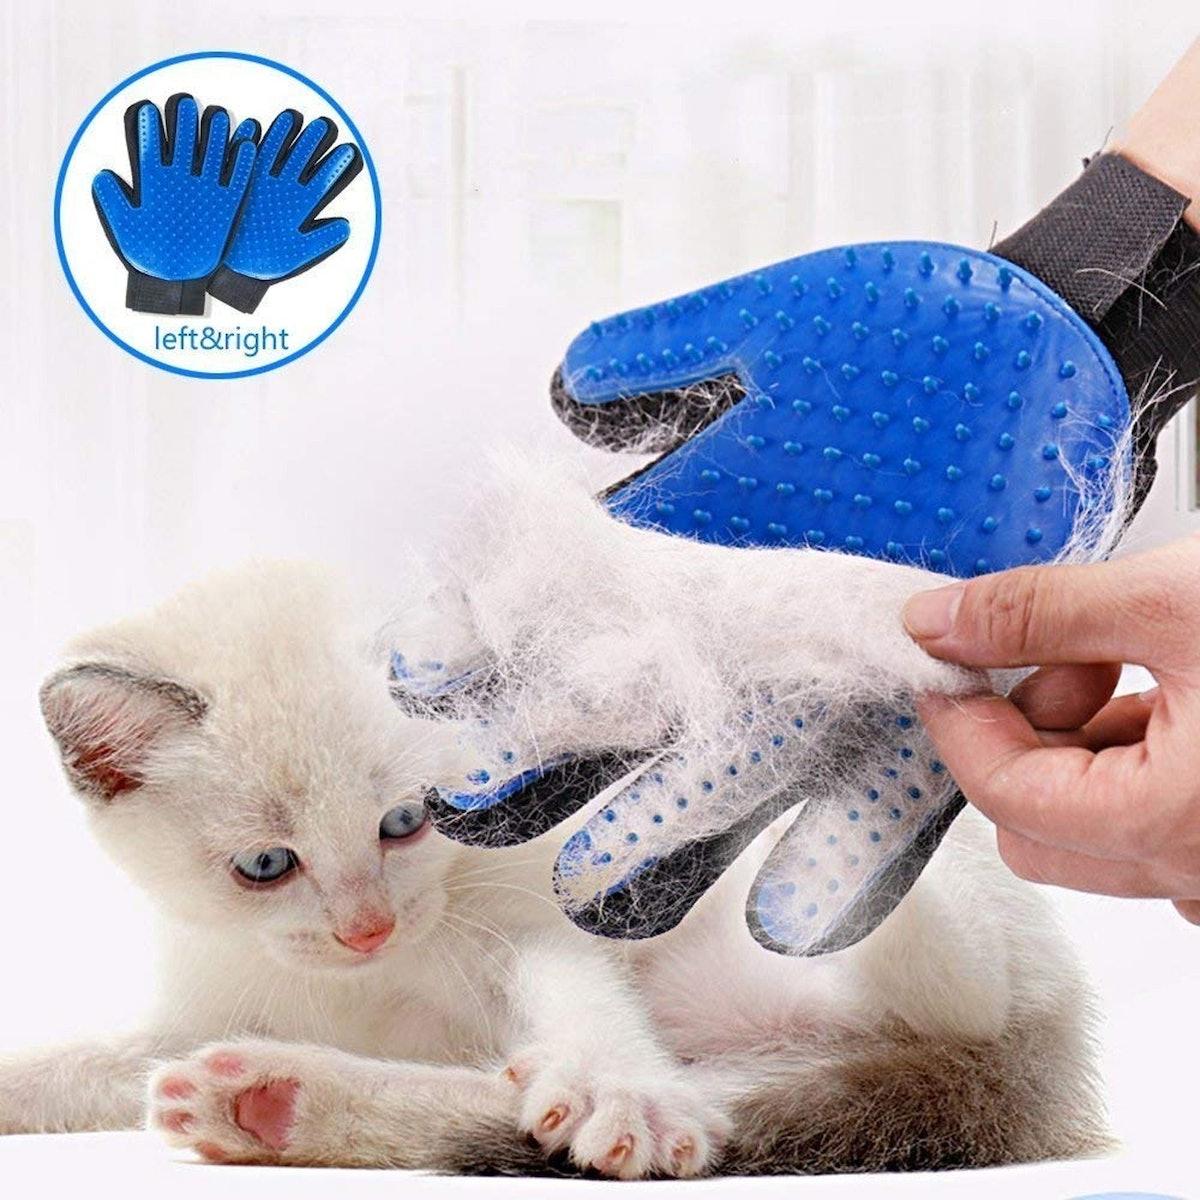 StarRoad Pet Grooming Gloves (1 Pair)